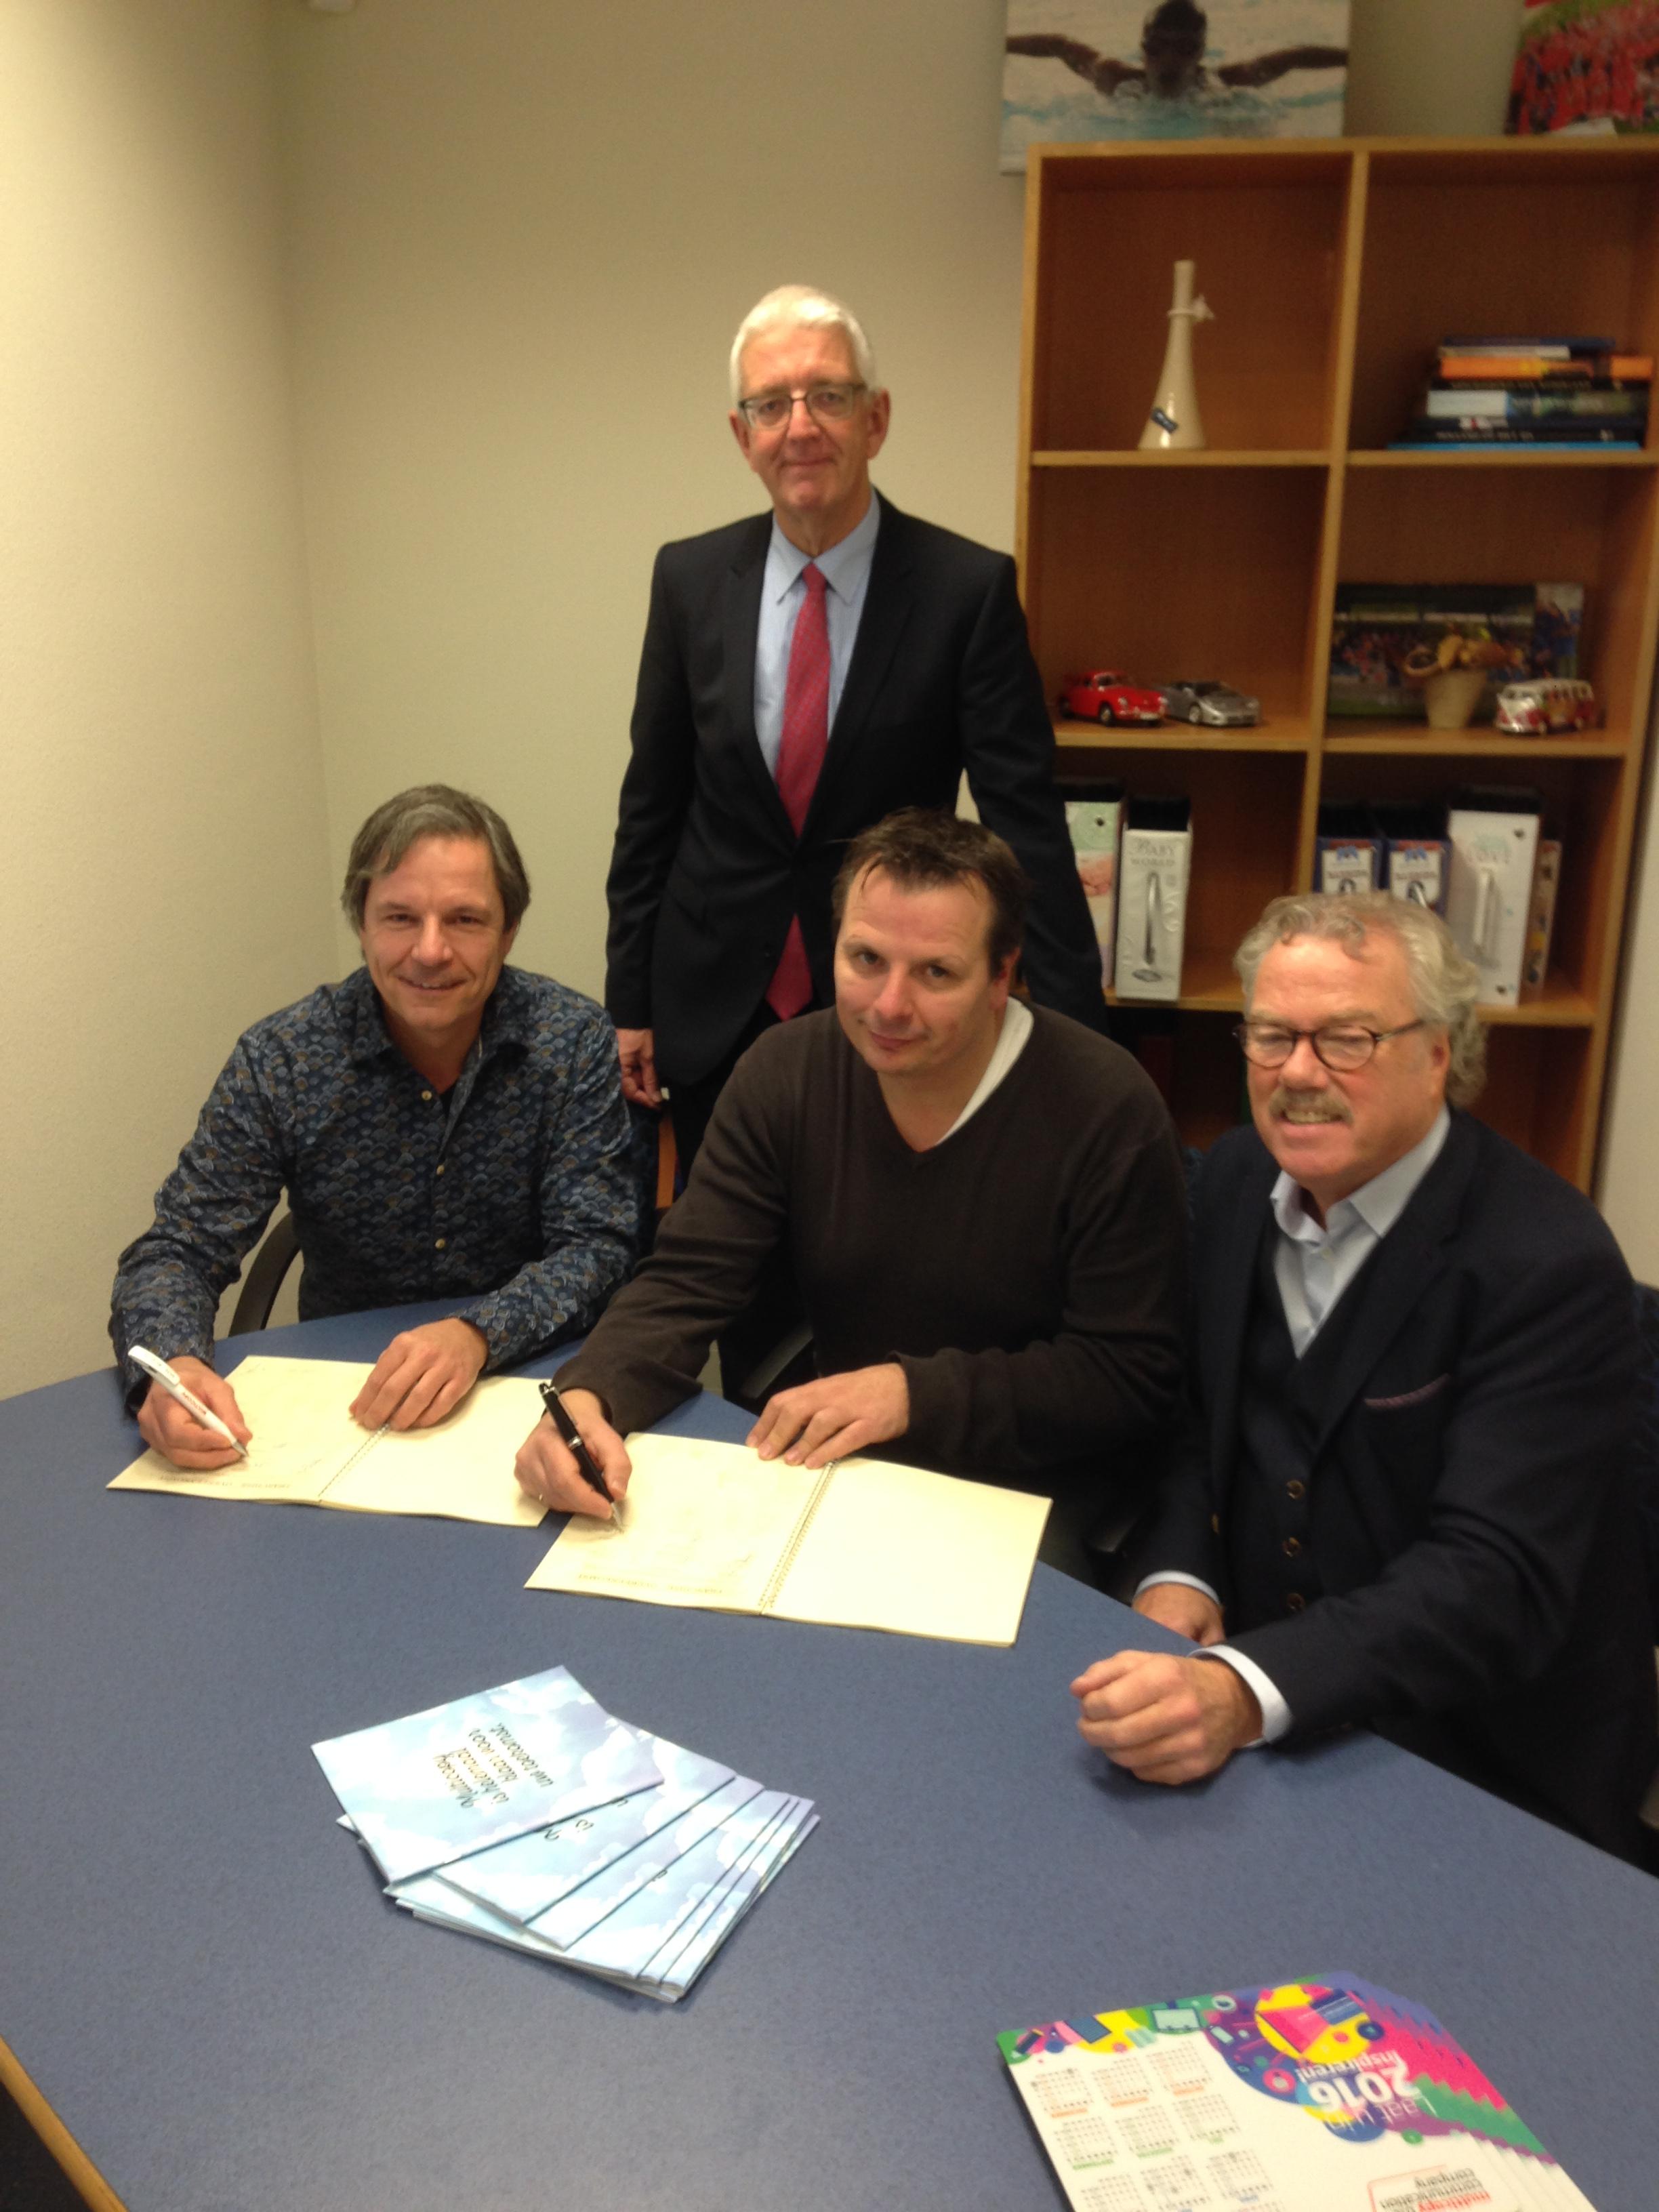 Erwin en Harry Lammerdink plaatsen handtekening voor Multicopy Lochem